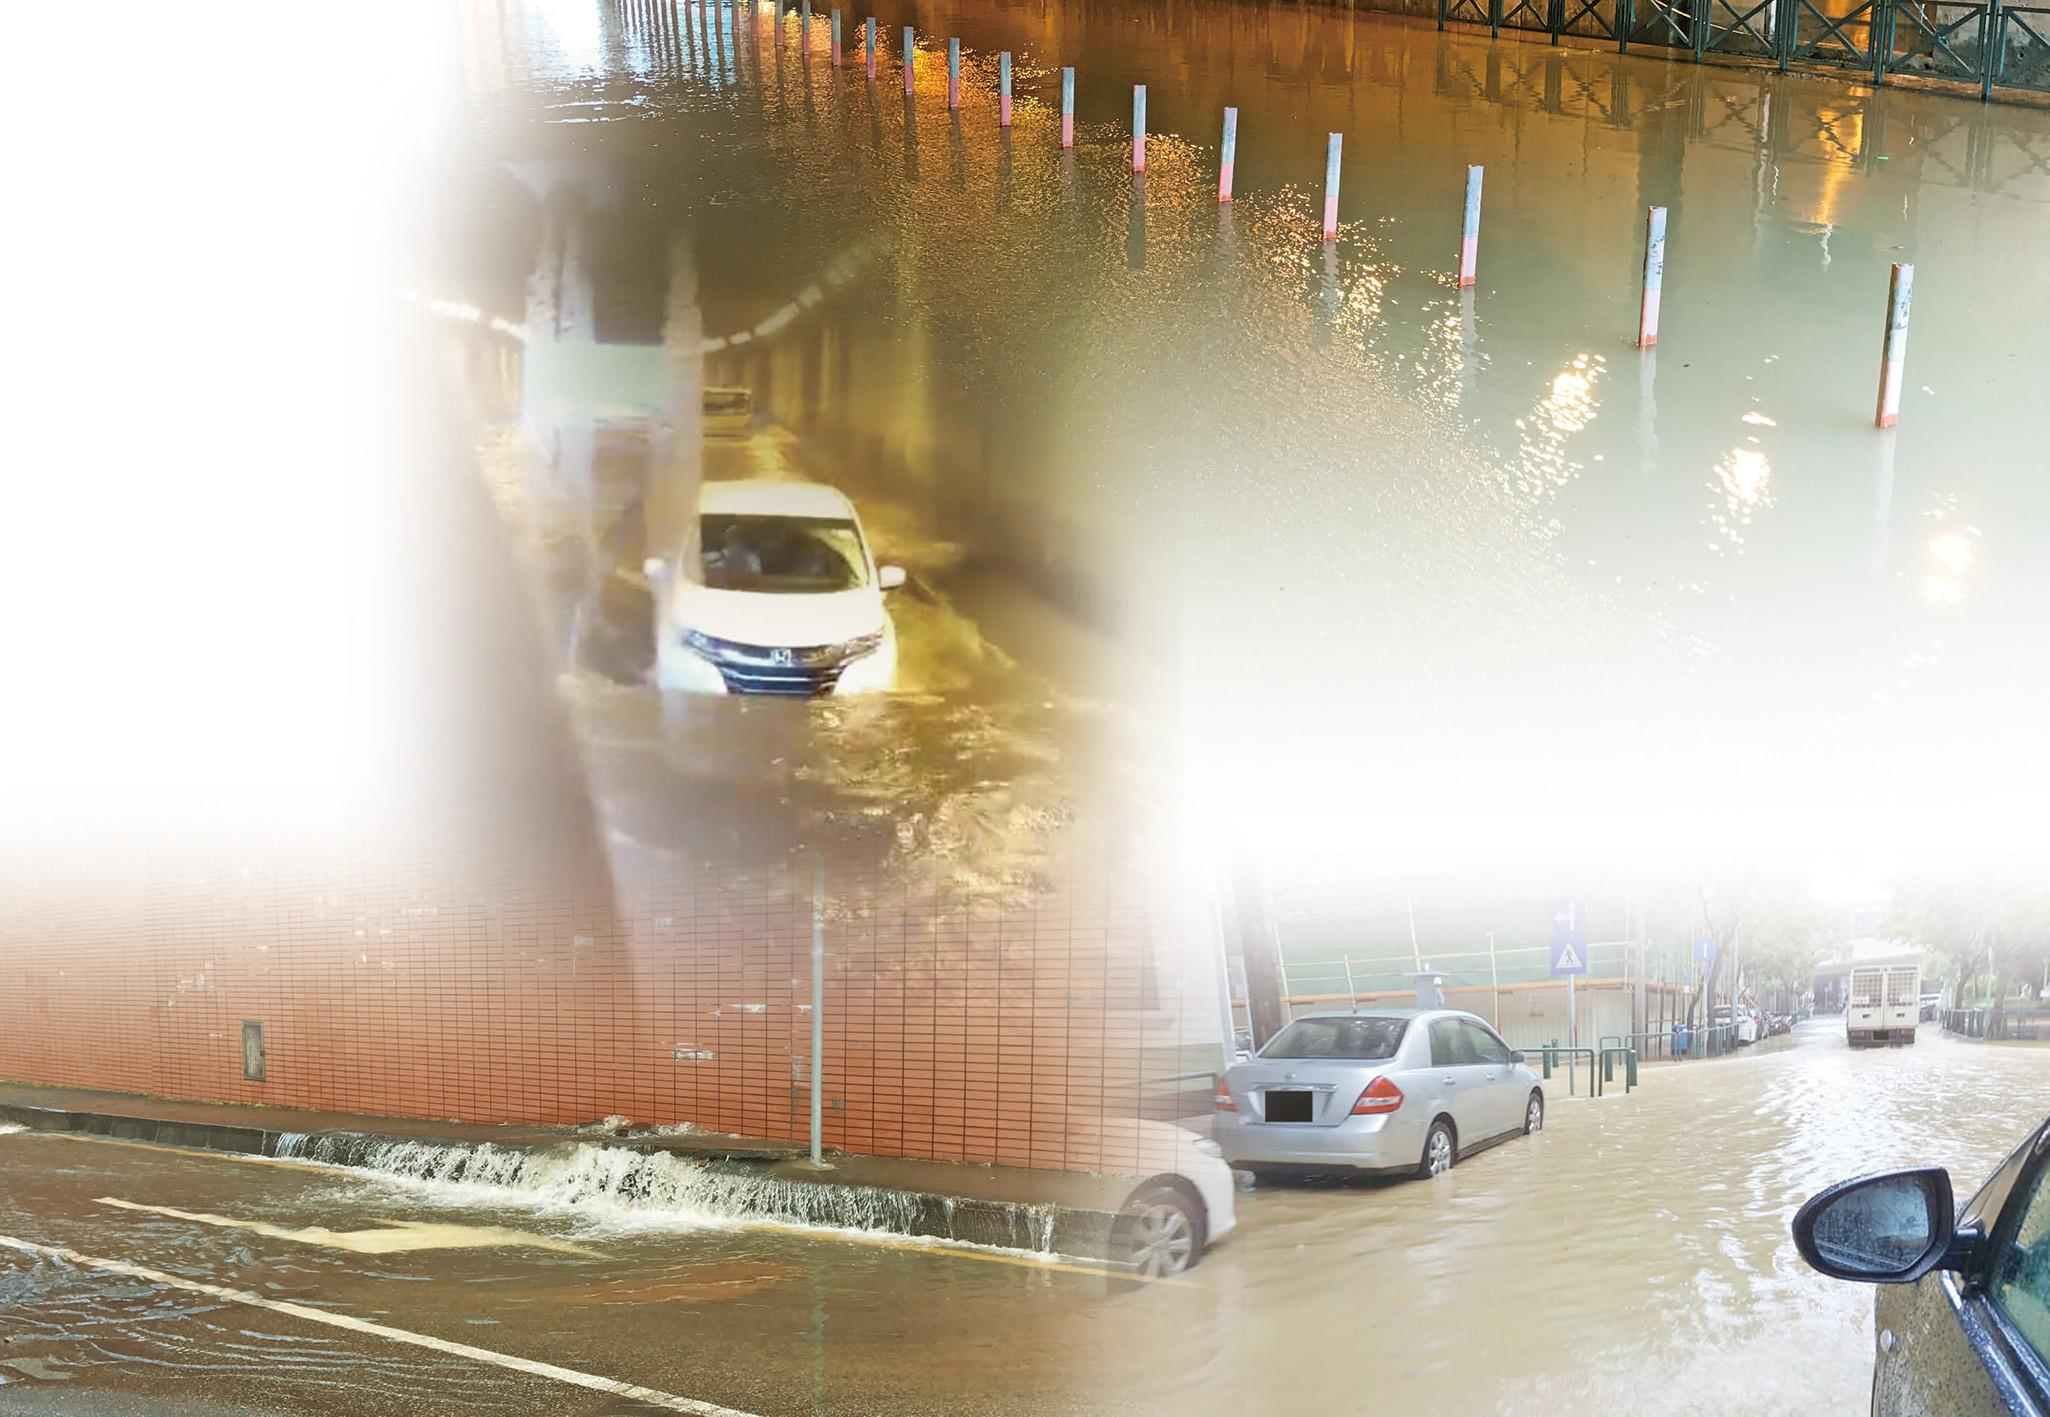 關閘隧道水浸成河車輛「死火」被困